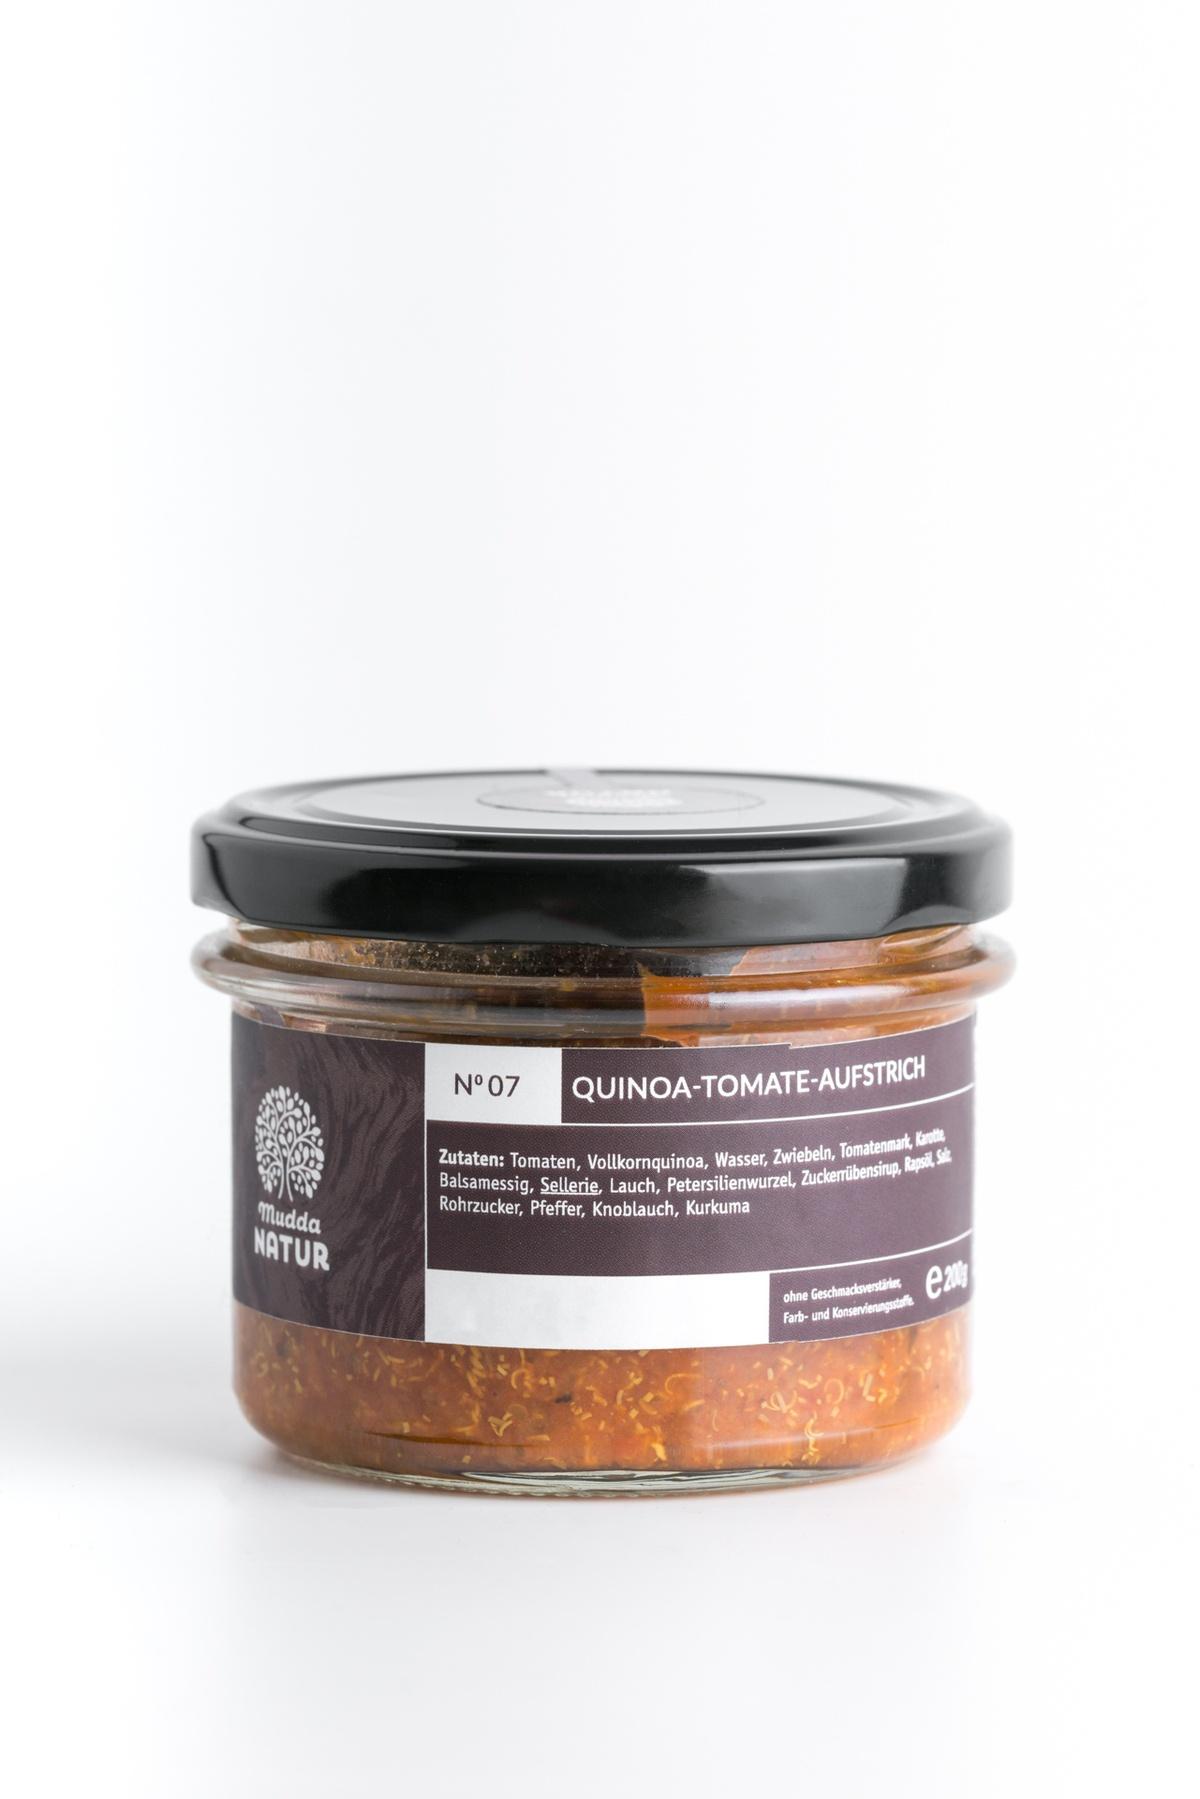 Quinoa-Tomaten-Aufstrich